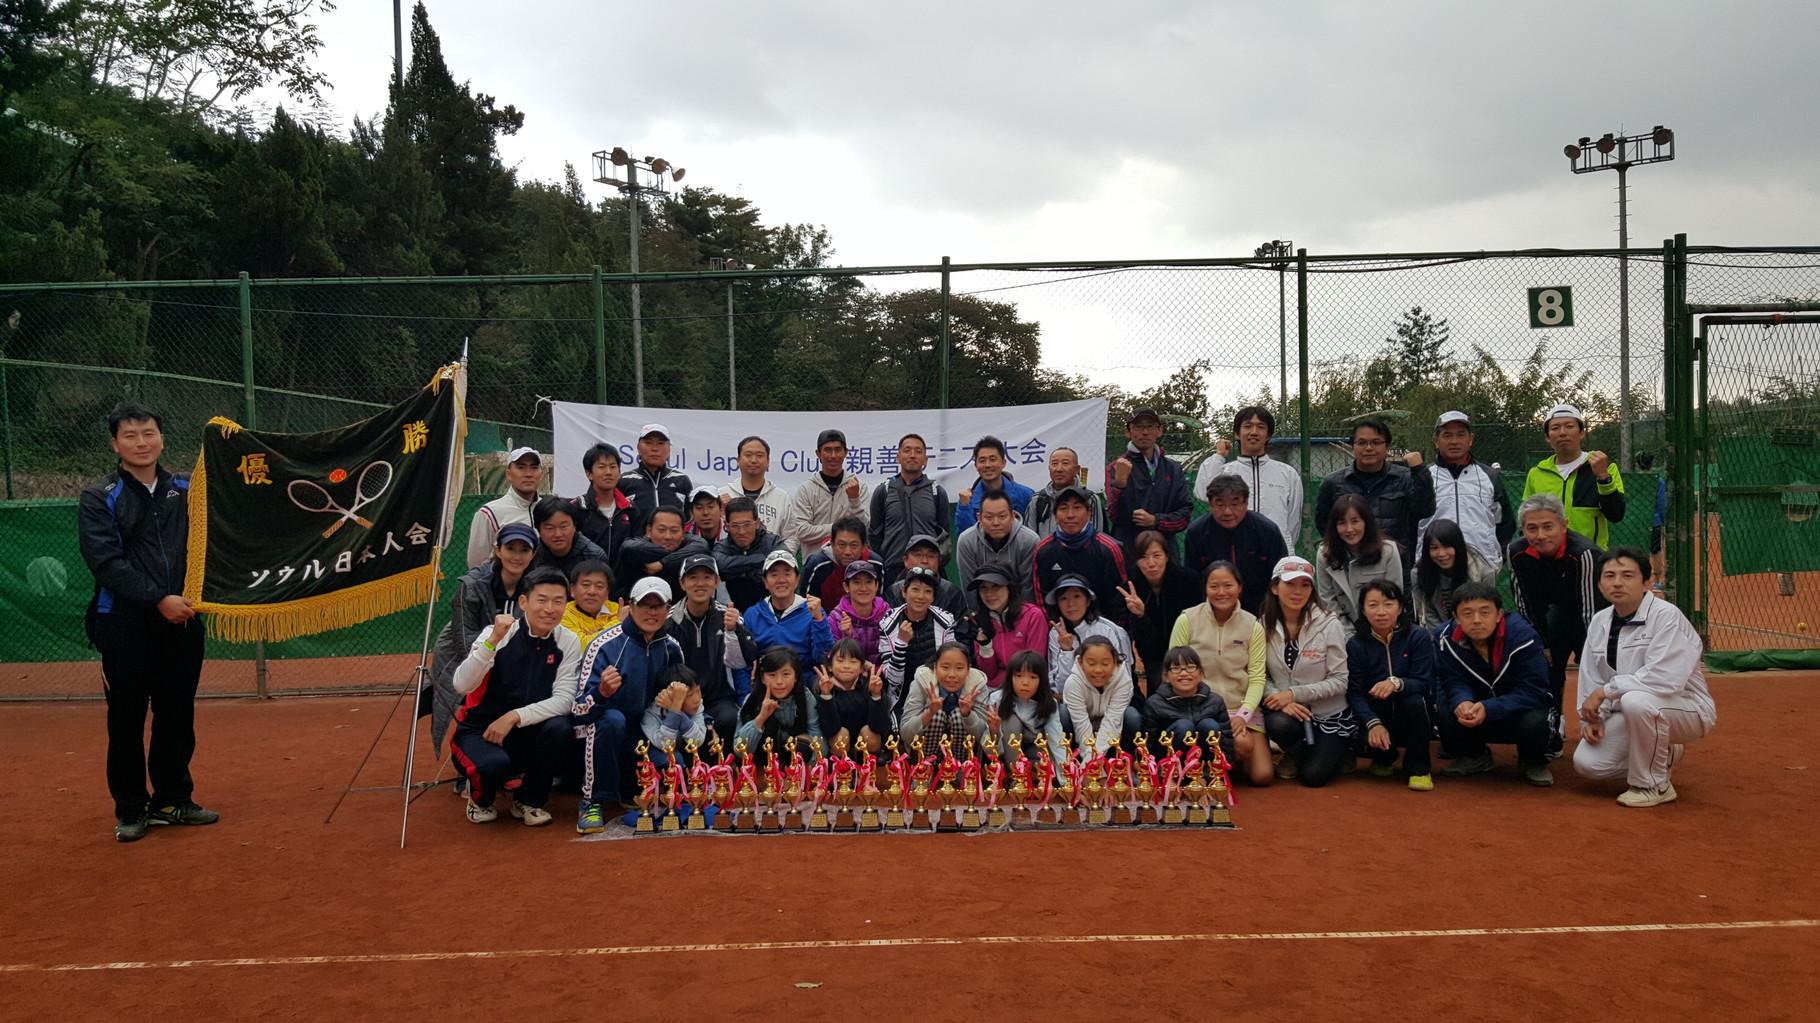 2015年10月 SJCテニス大会、A・B・C全クラス優勝!!!